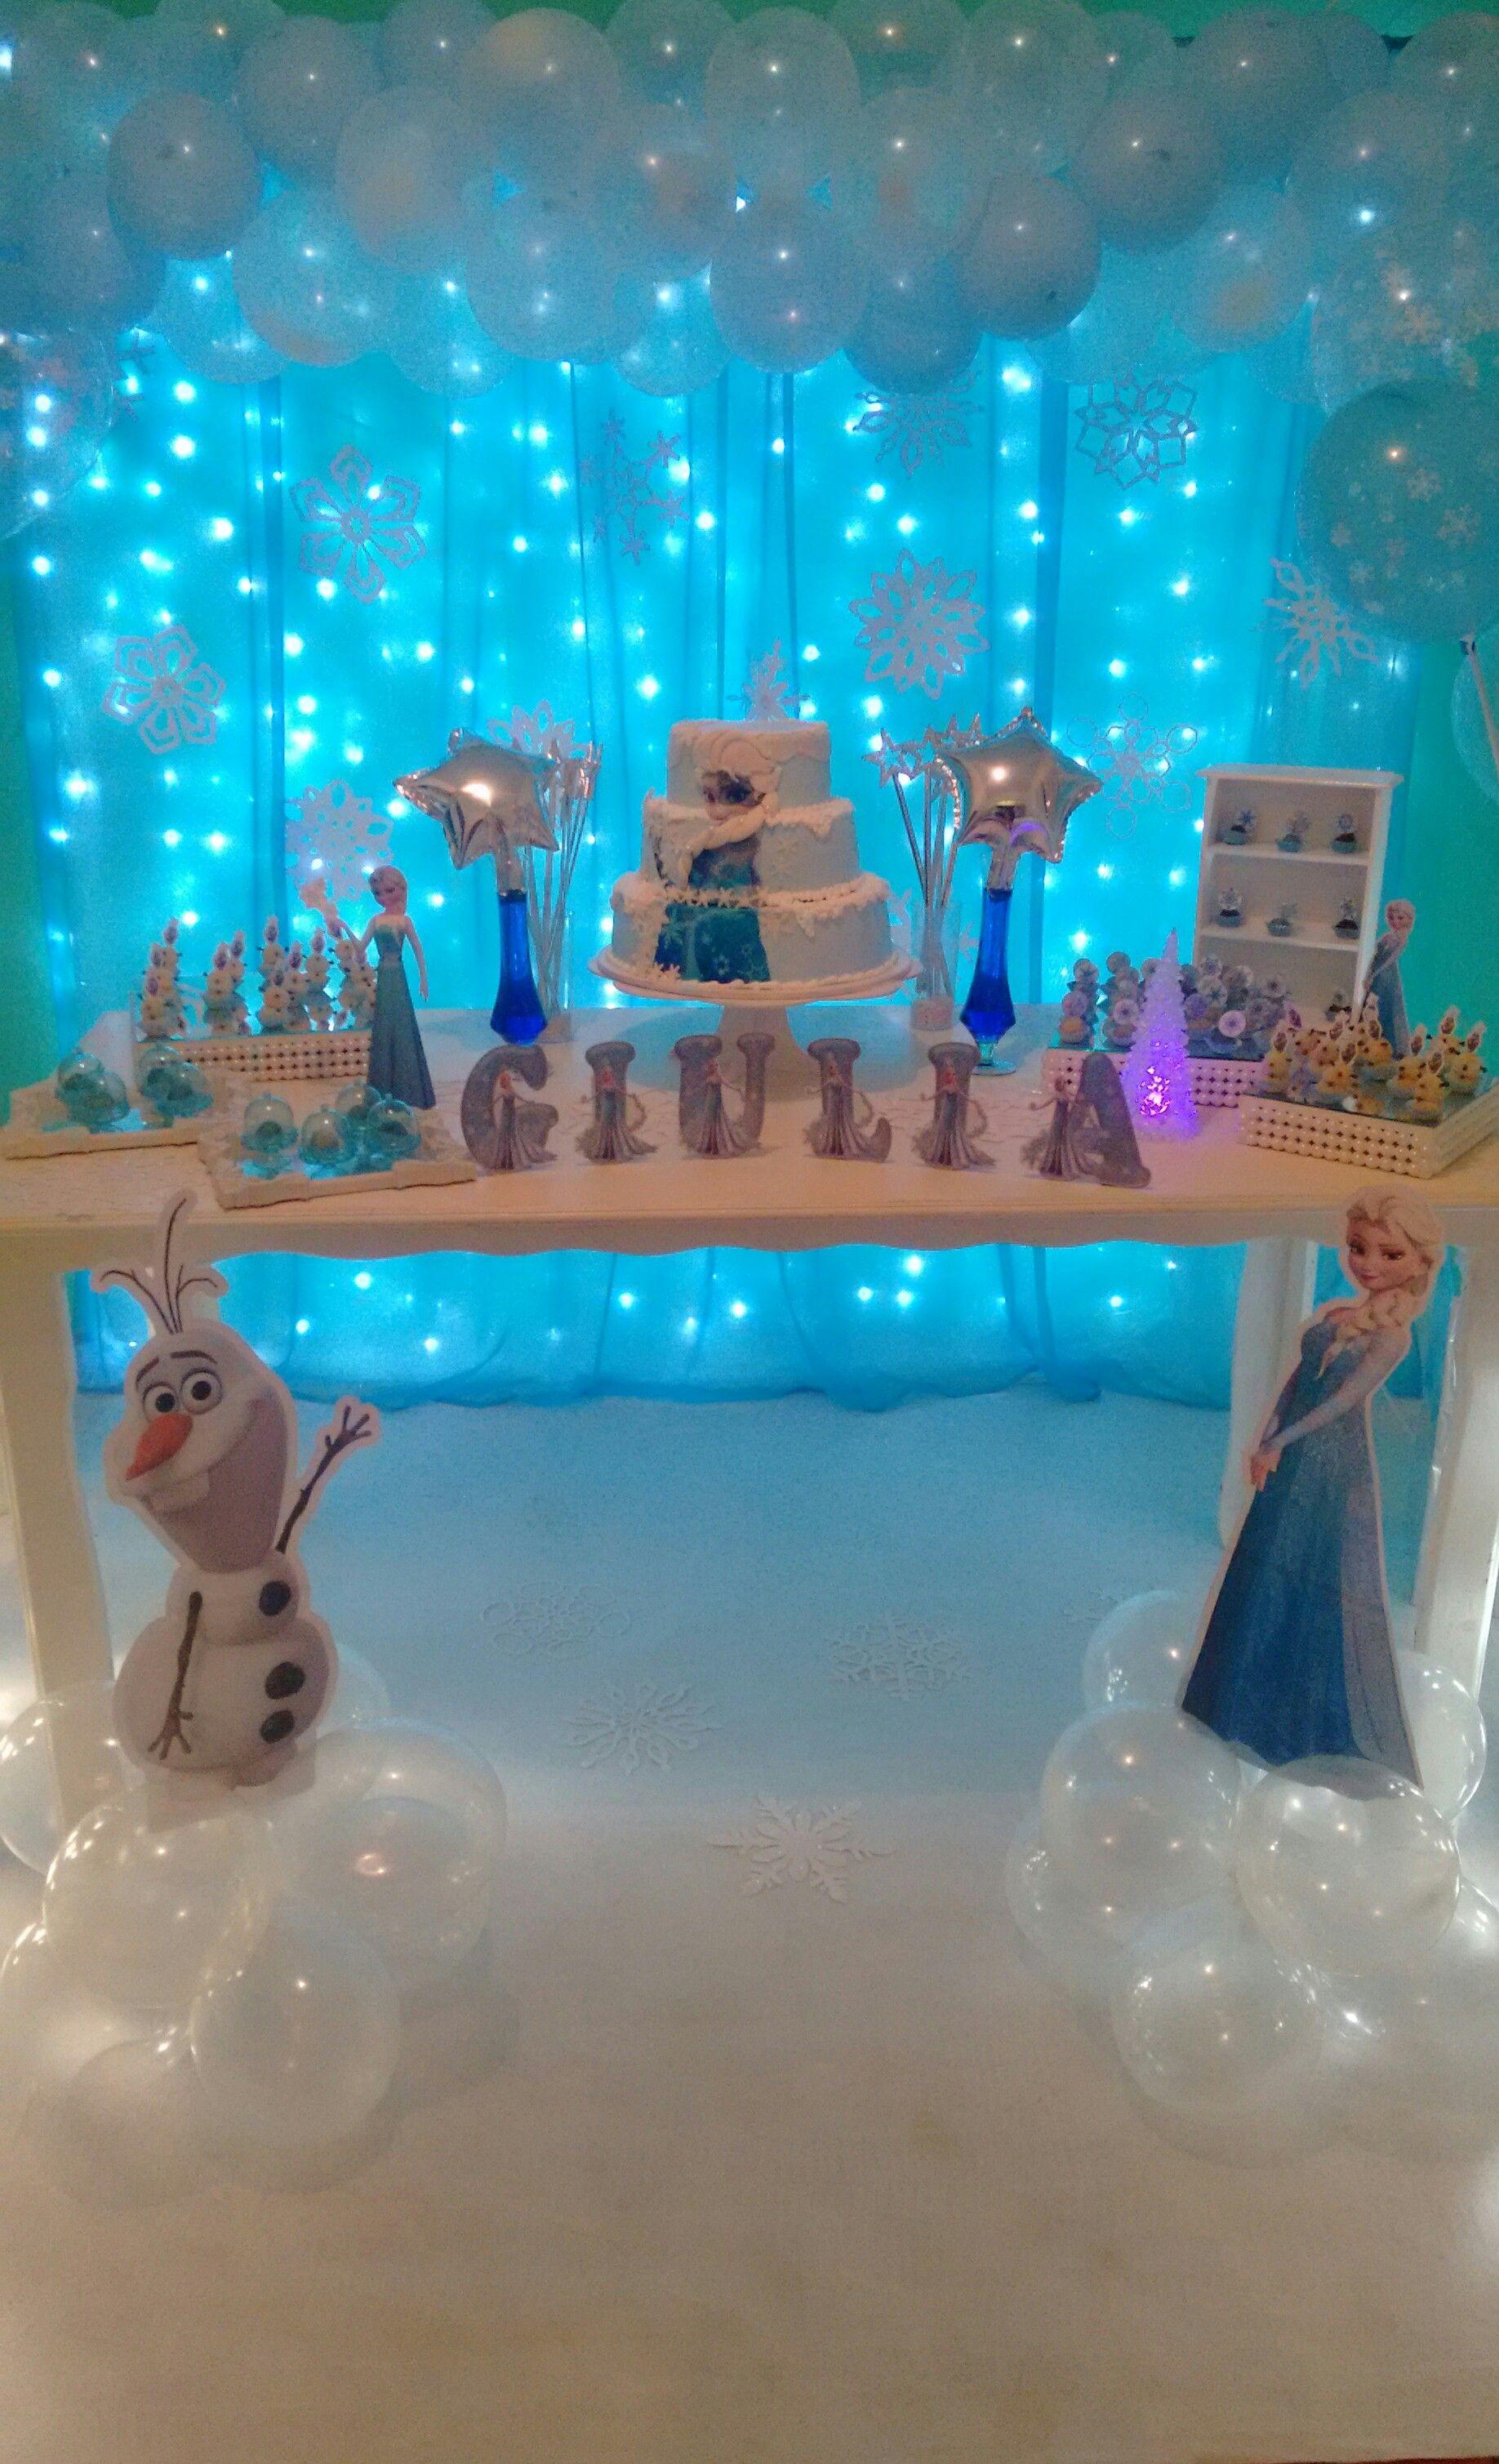 Decoração Da Frozen Por Thati Decoraçoes Theme Crystal Theme